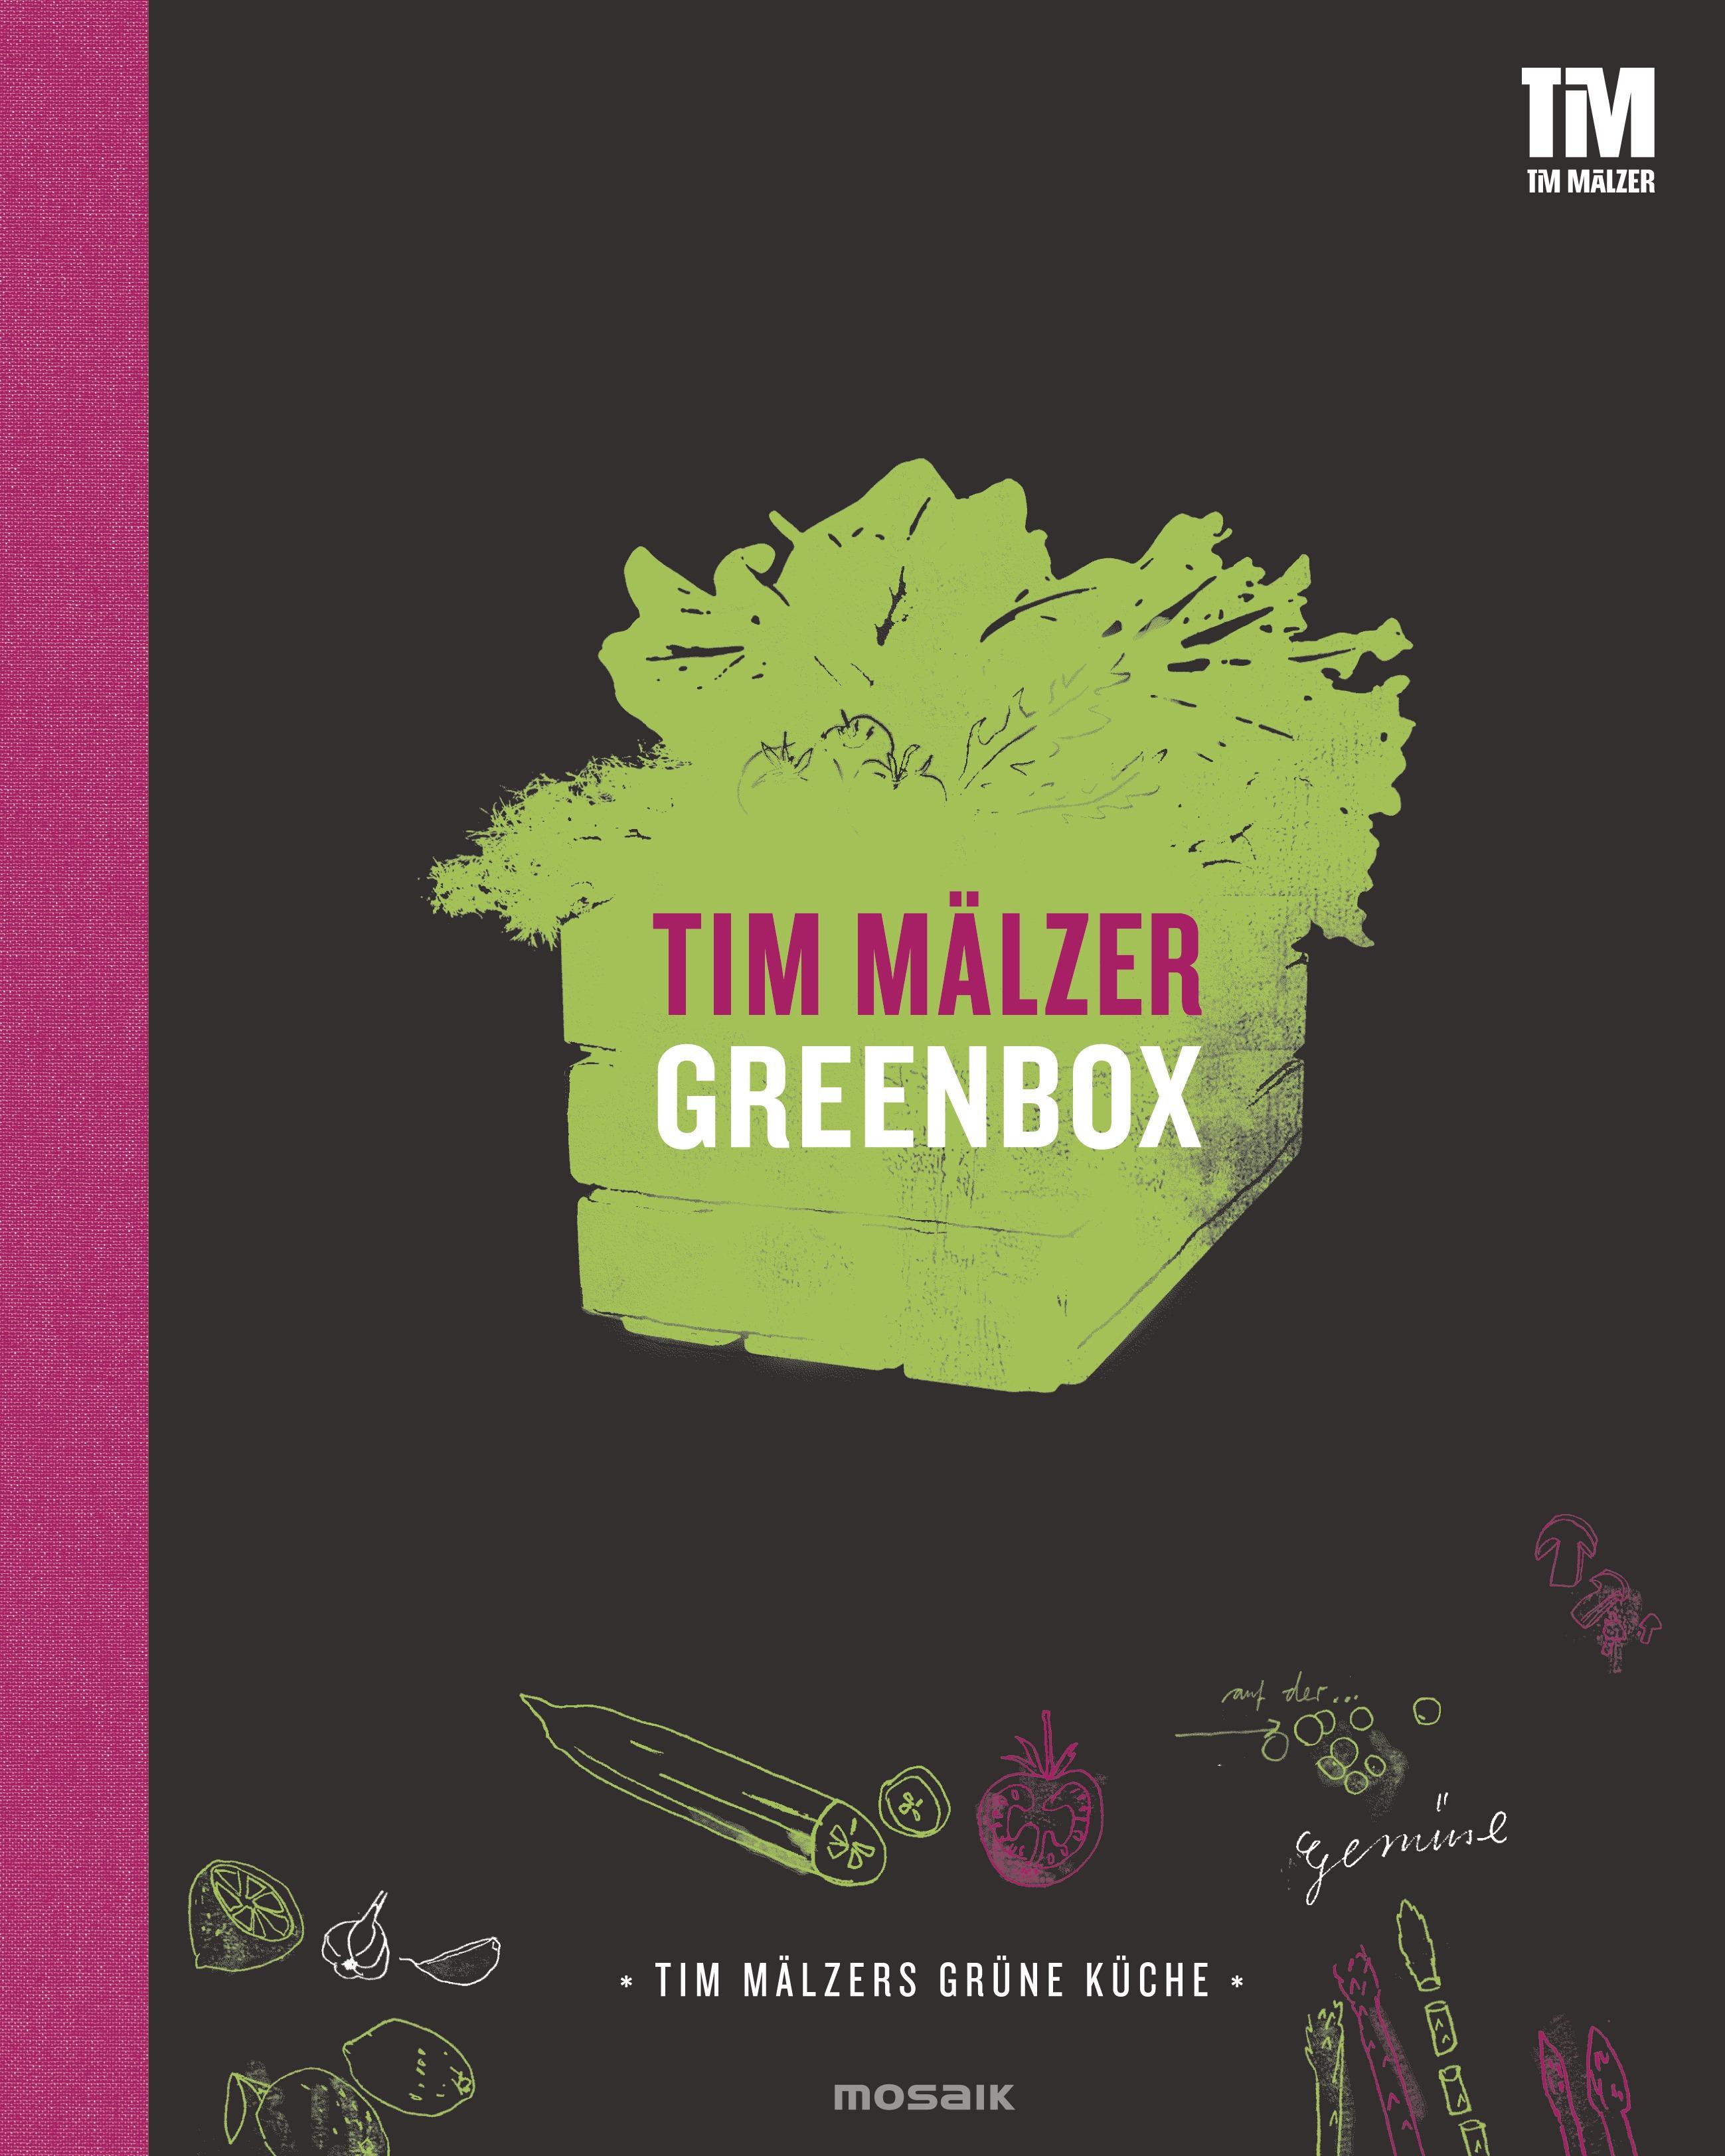 Greenbox von Tim Mälzer © Mosaik